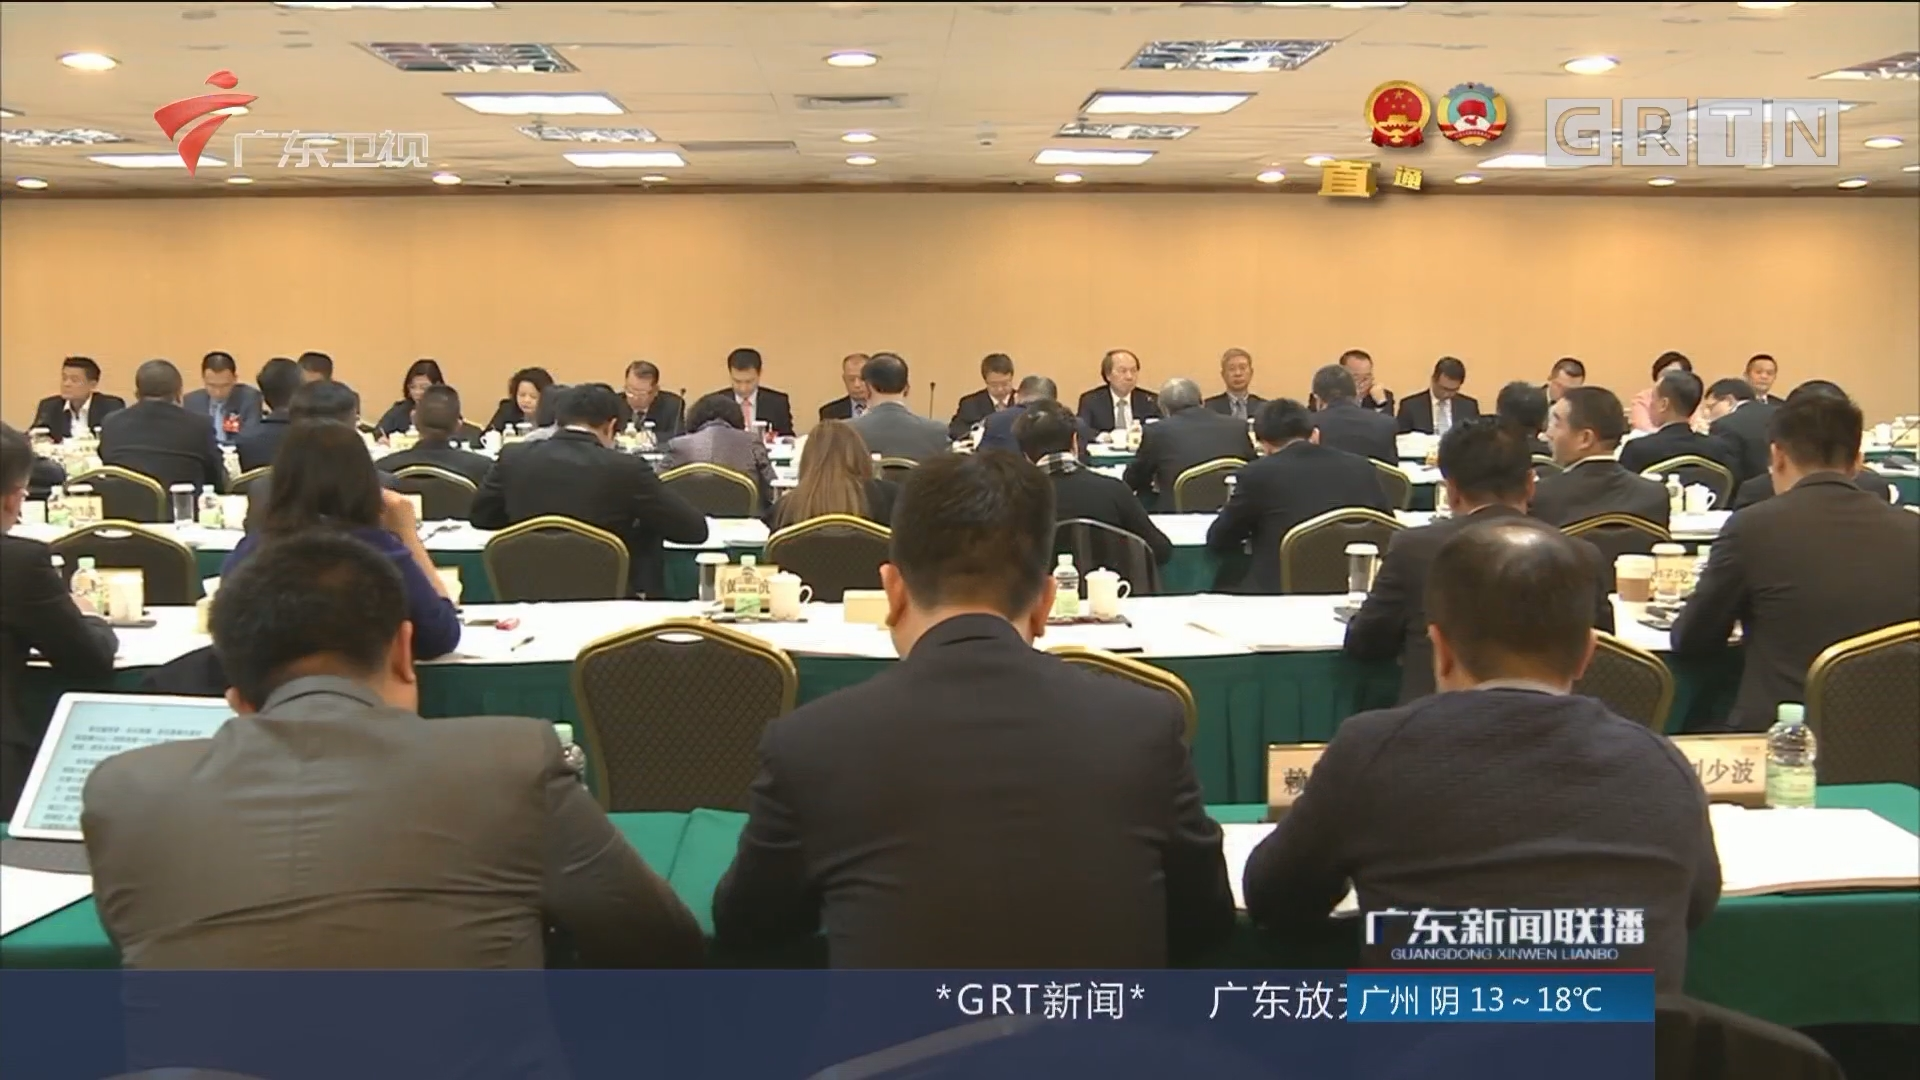 政协委员继续分组讨论《政府工作报告》